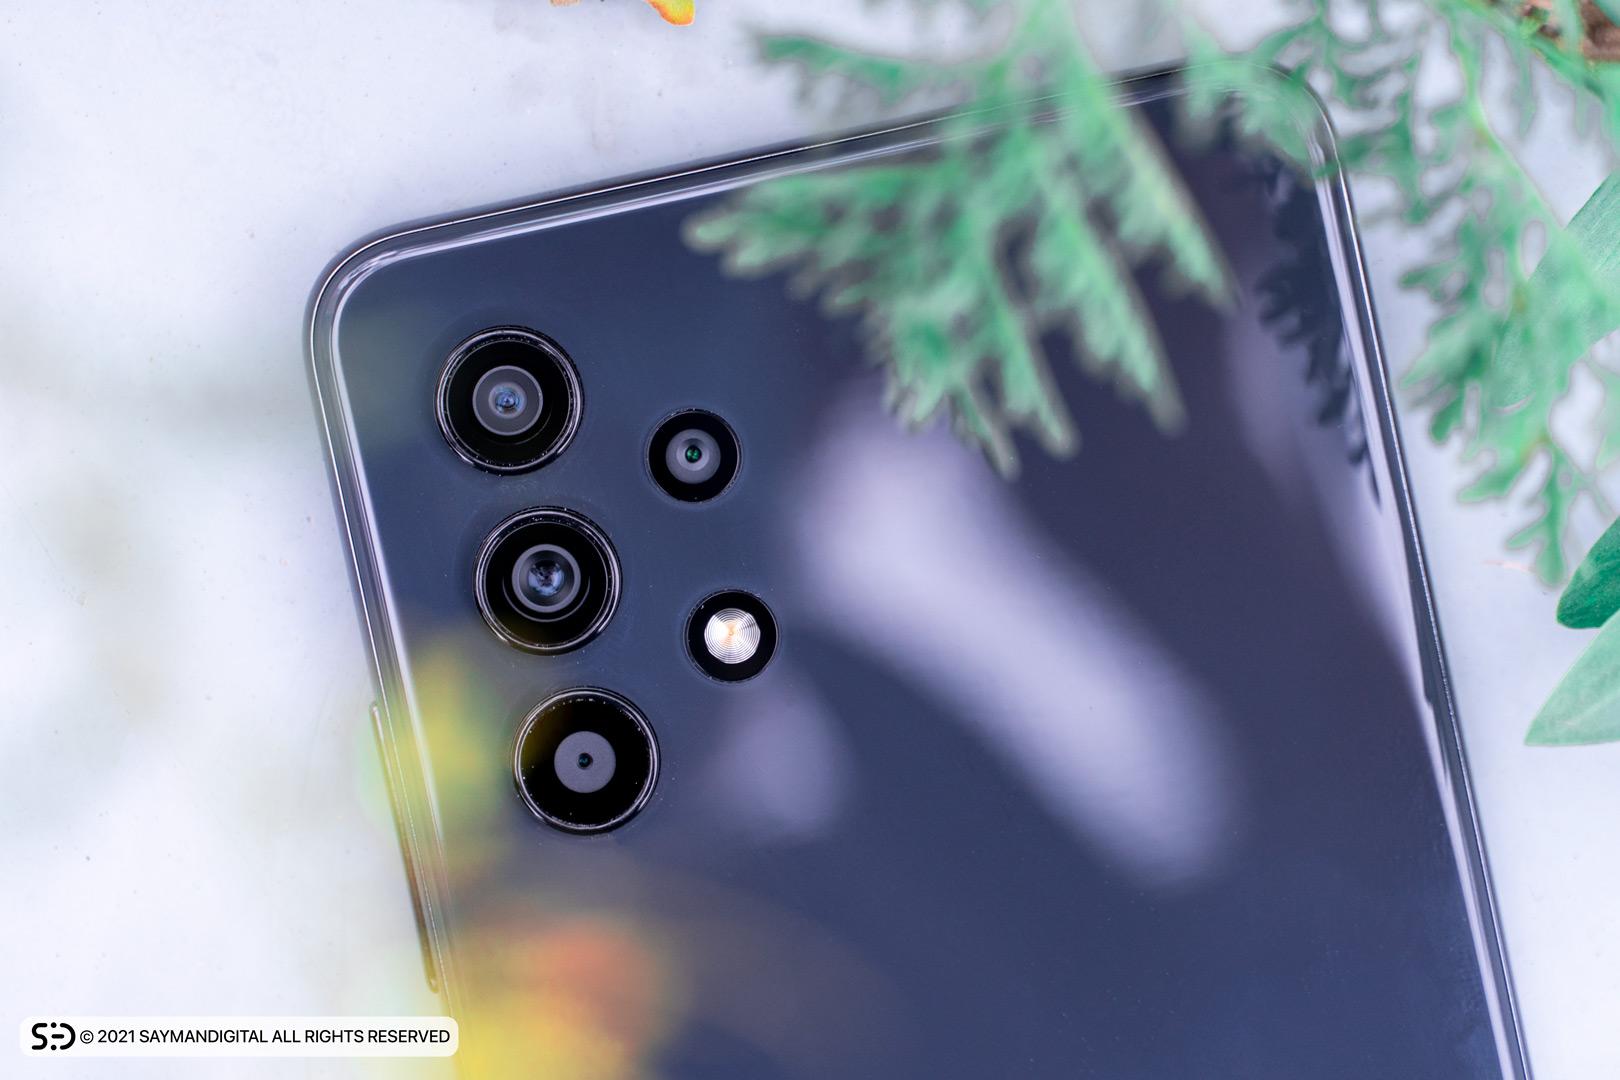 چیدمان لنز دوربینها در مطلب بررسی گلکسی A32